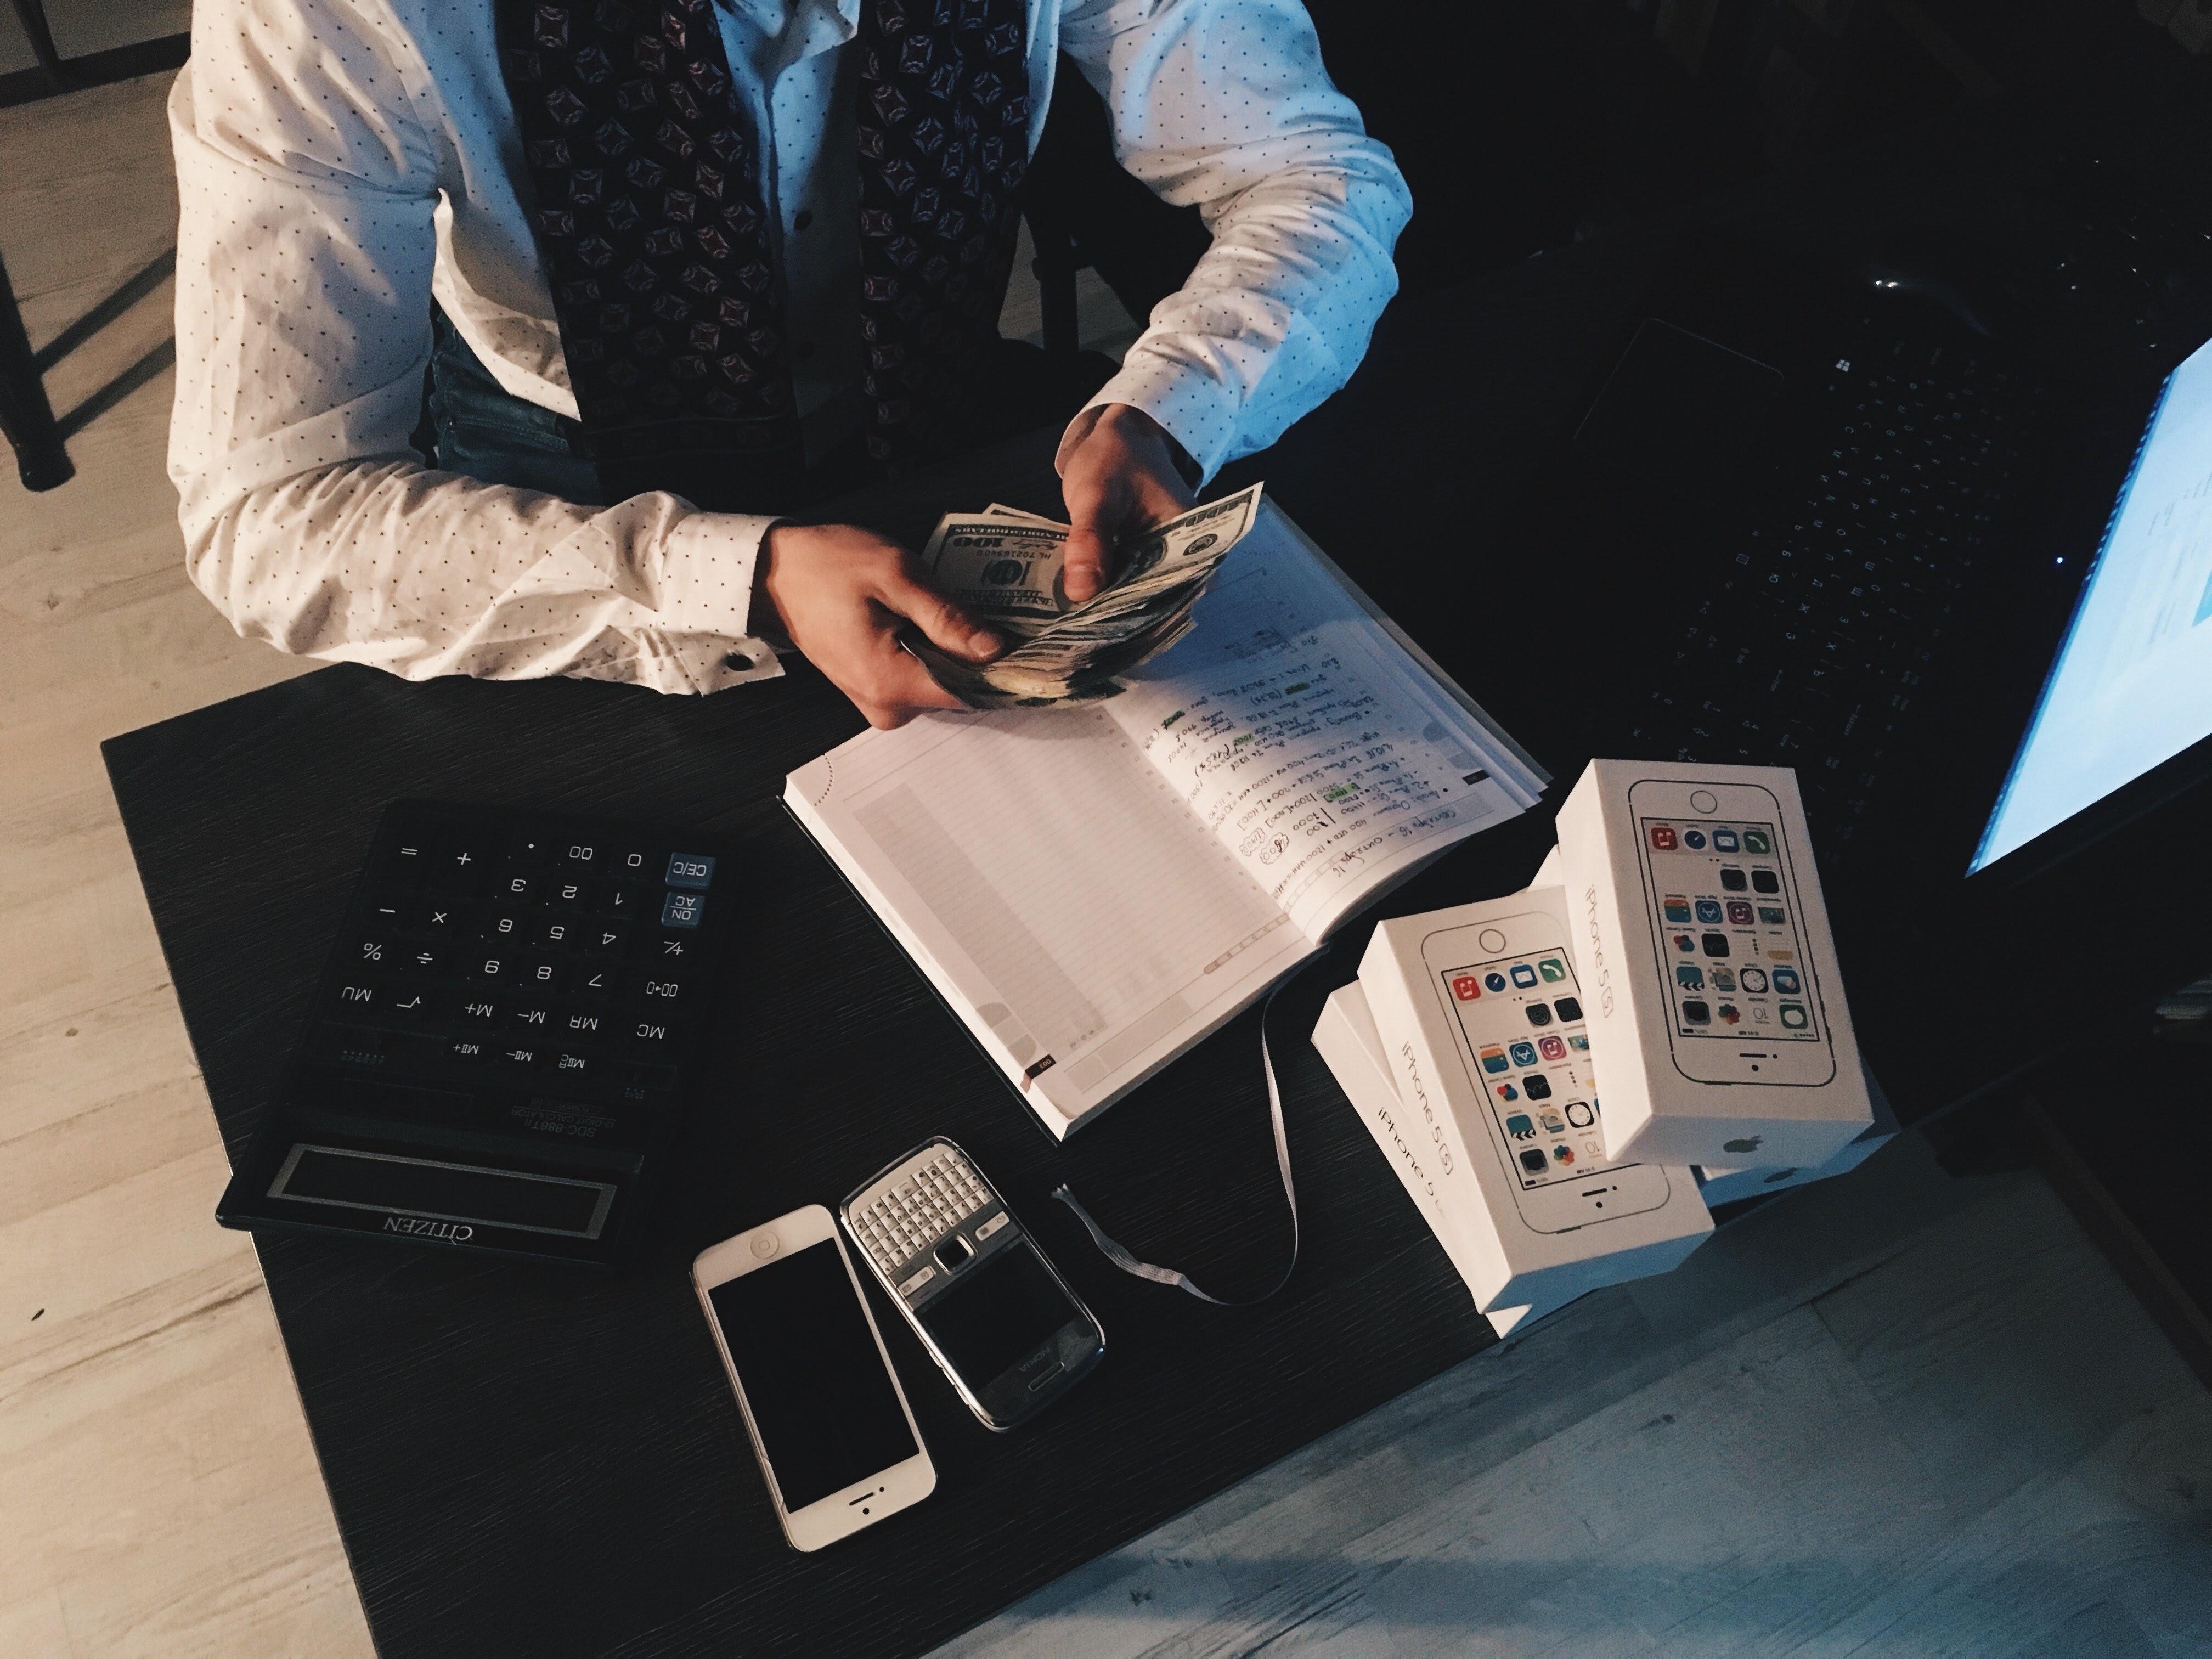 ¿Cómo se genera rentabilidad en los fondos?